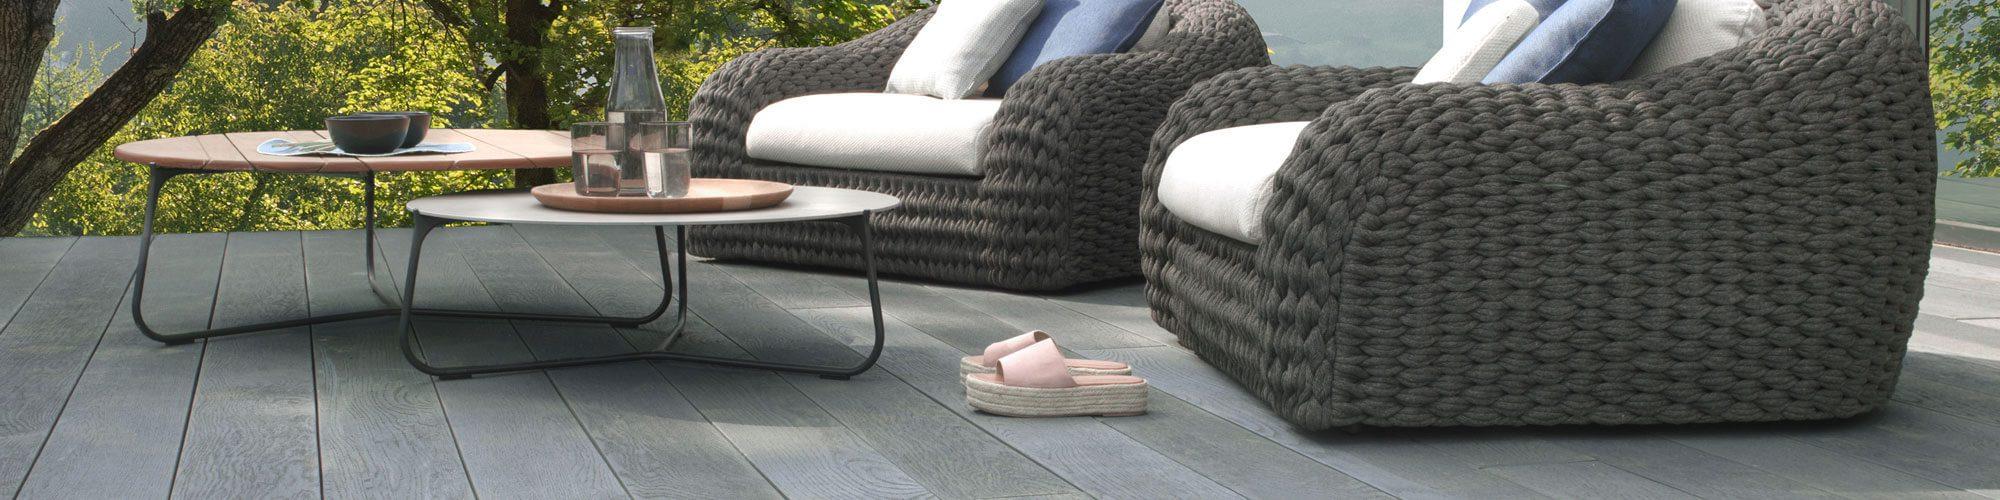 Timberline GmbH ist Generalimporteur von Millboard Terrassenböden